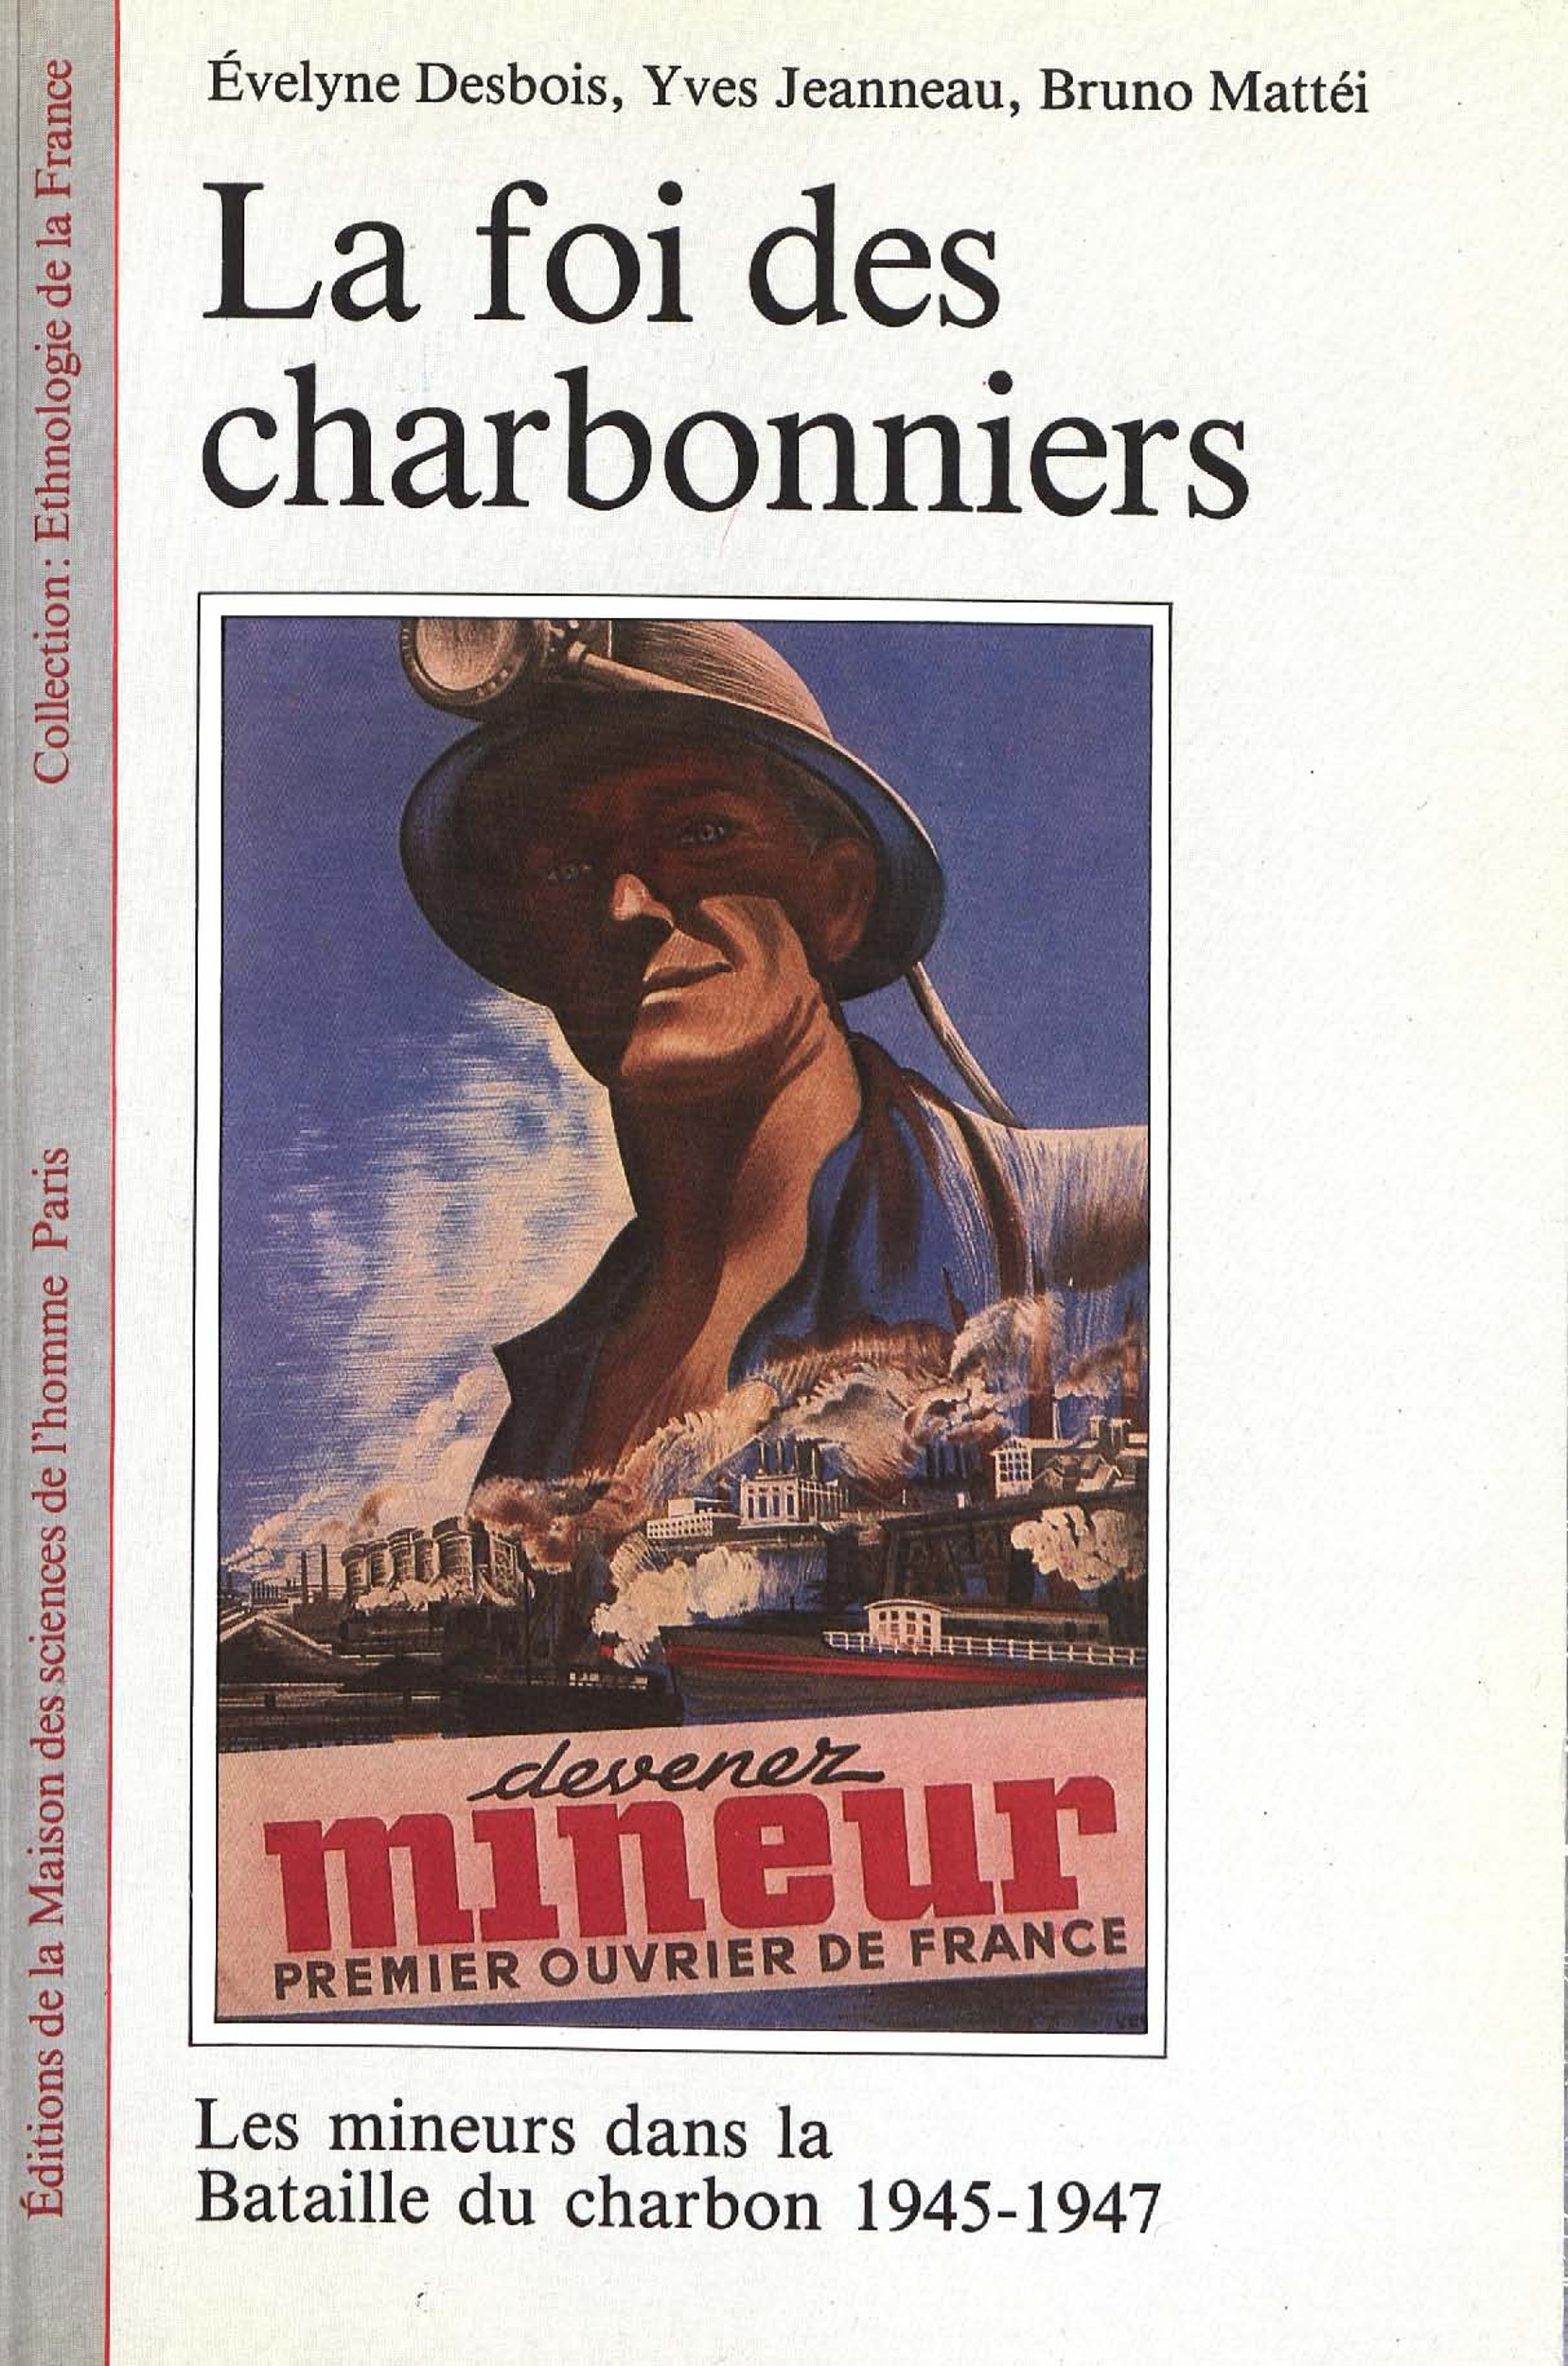 la foi des charbonniers - les mineurs dans la bataille du charbon